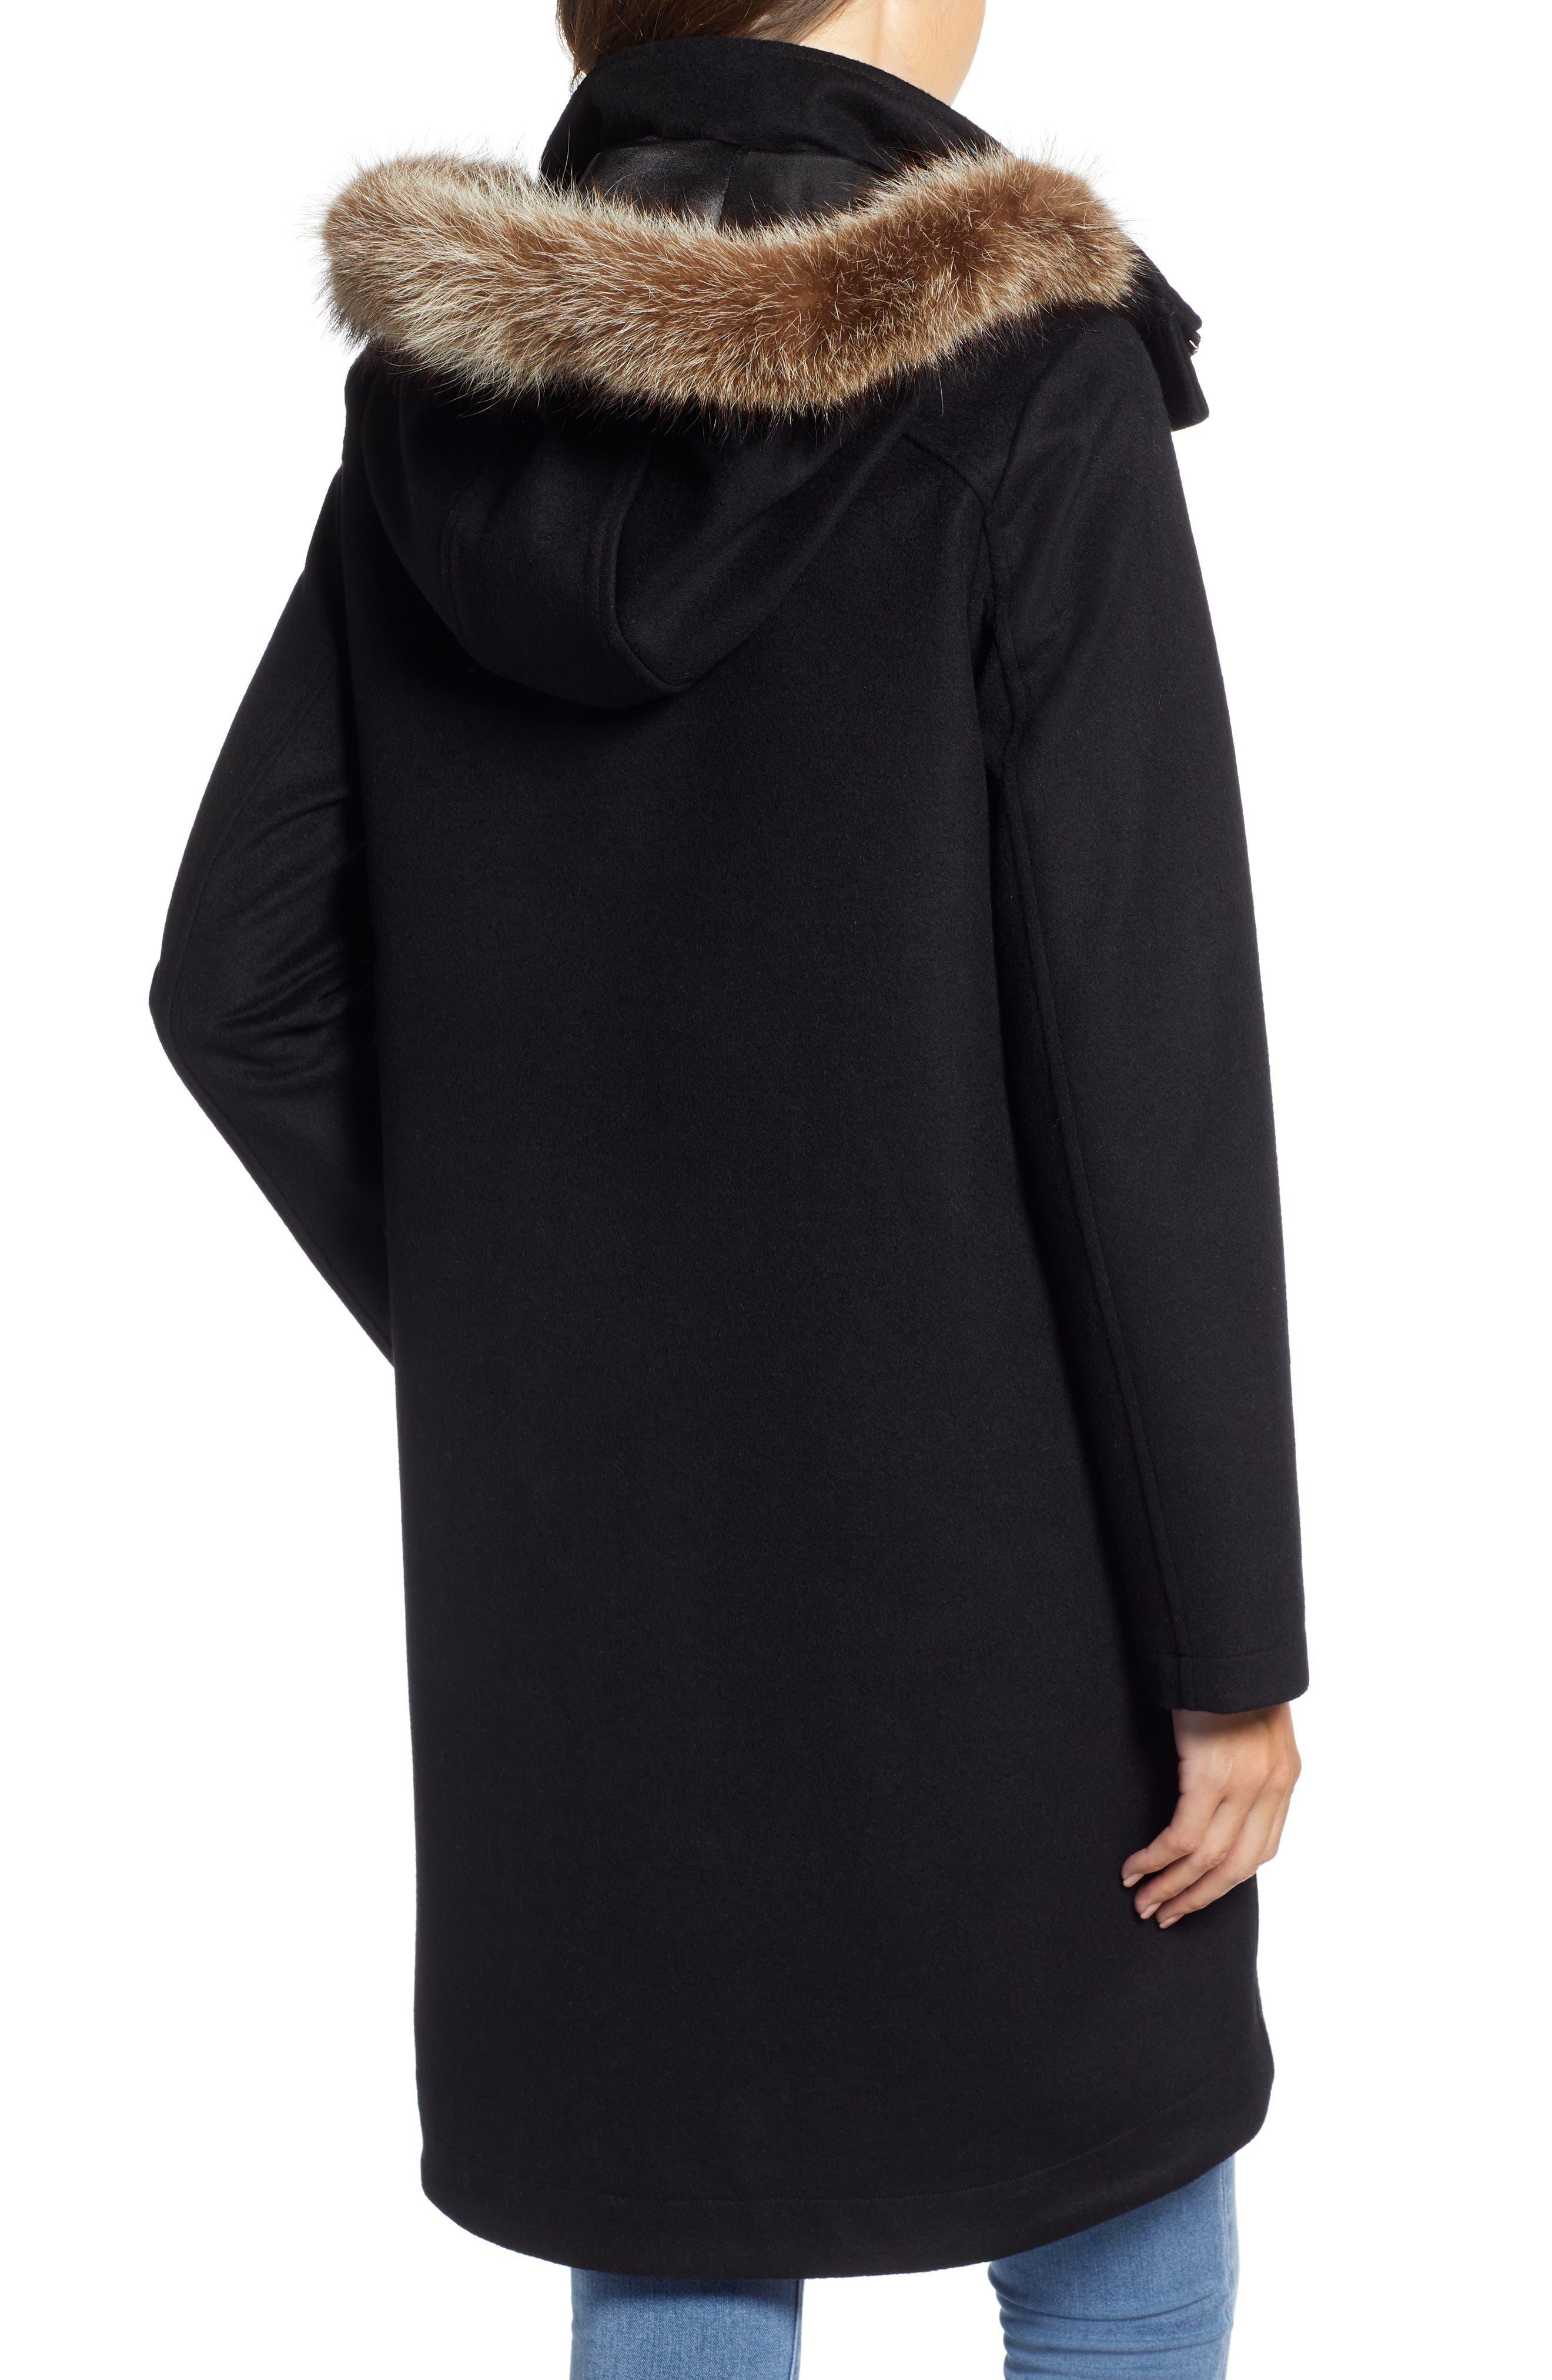 St Marie Wool Hooded Coat with Genuine Raccoon Fur Trim,                             Alternate thumbnail 2, color,                             BLACK